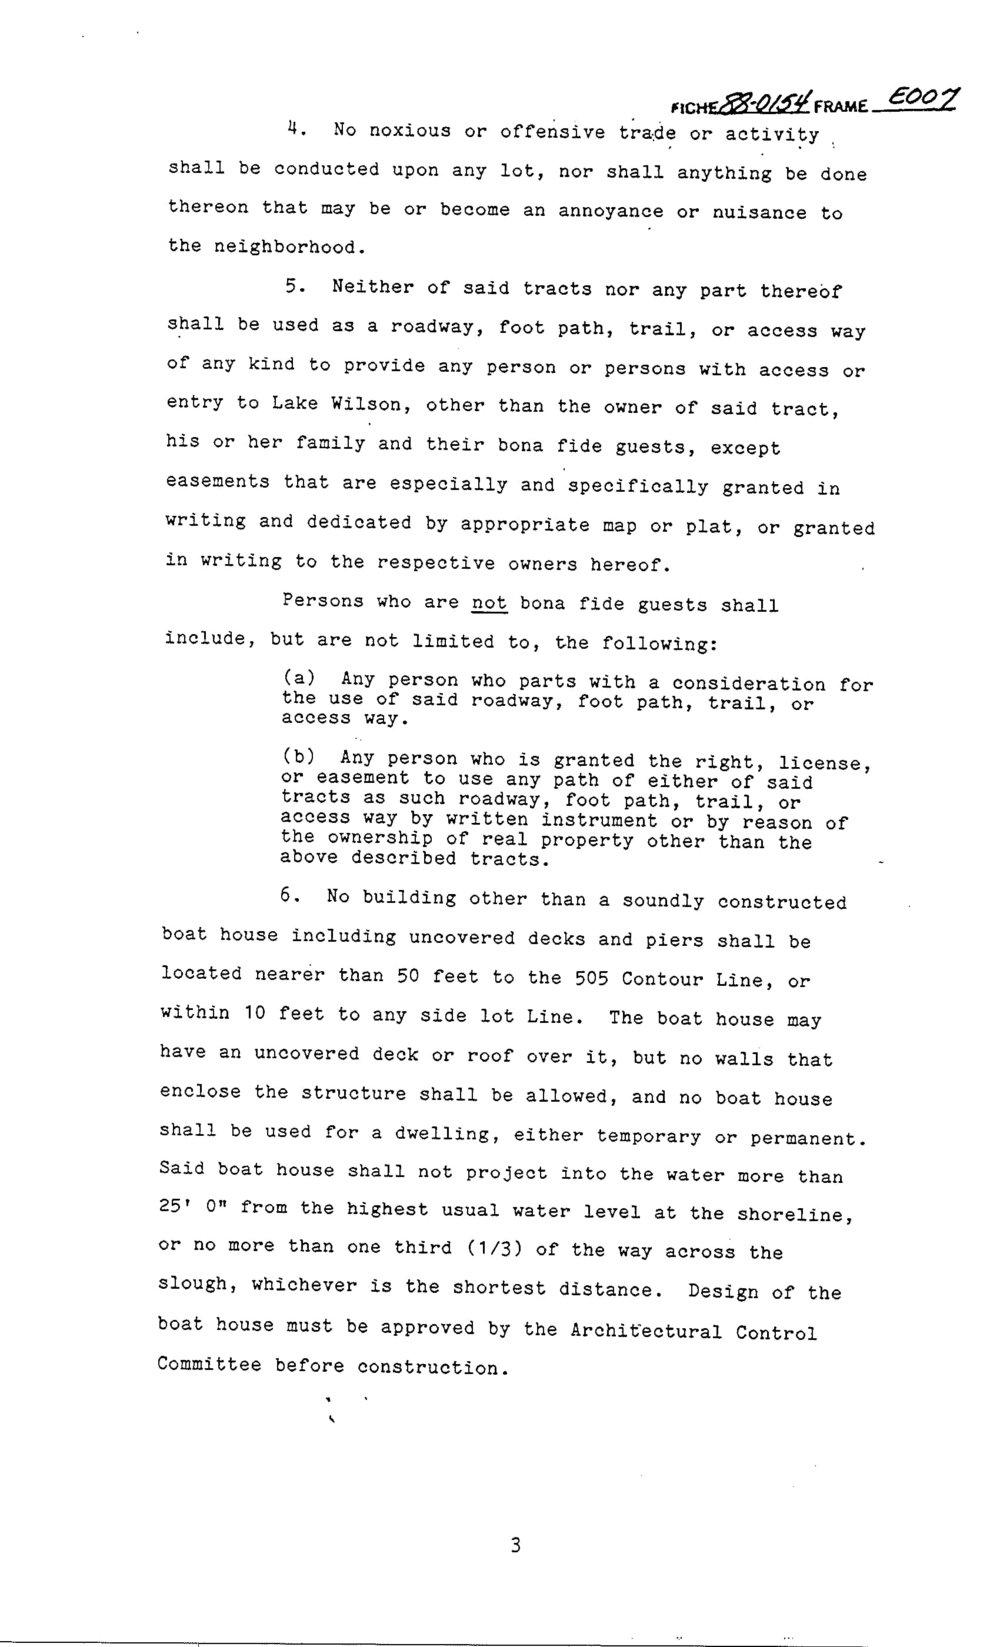 Indian Springs 3- covenants-10.jpg